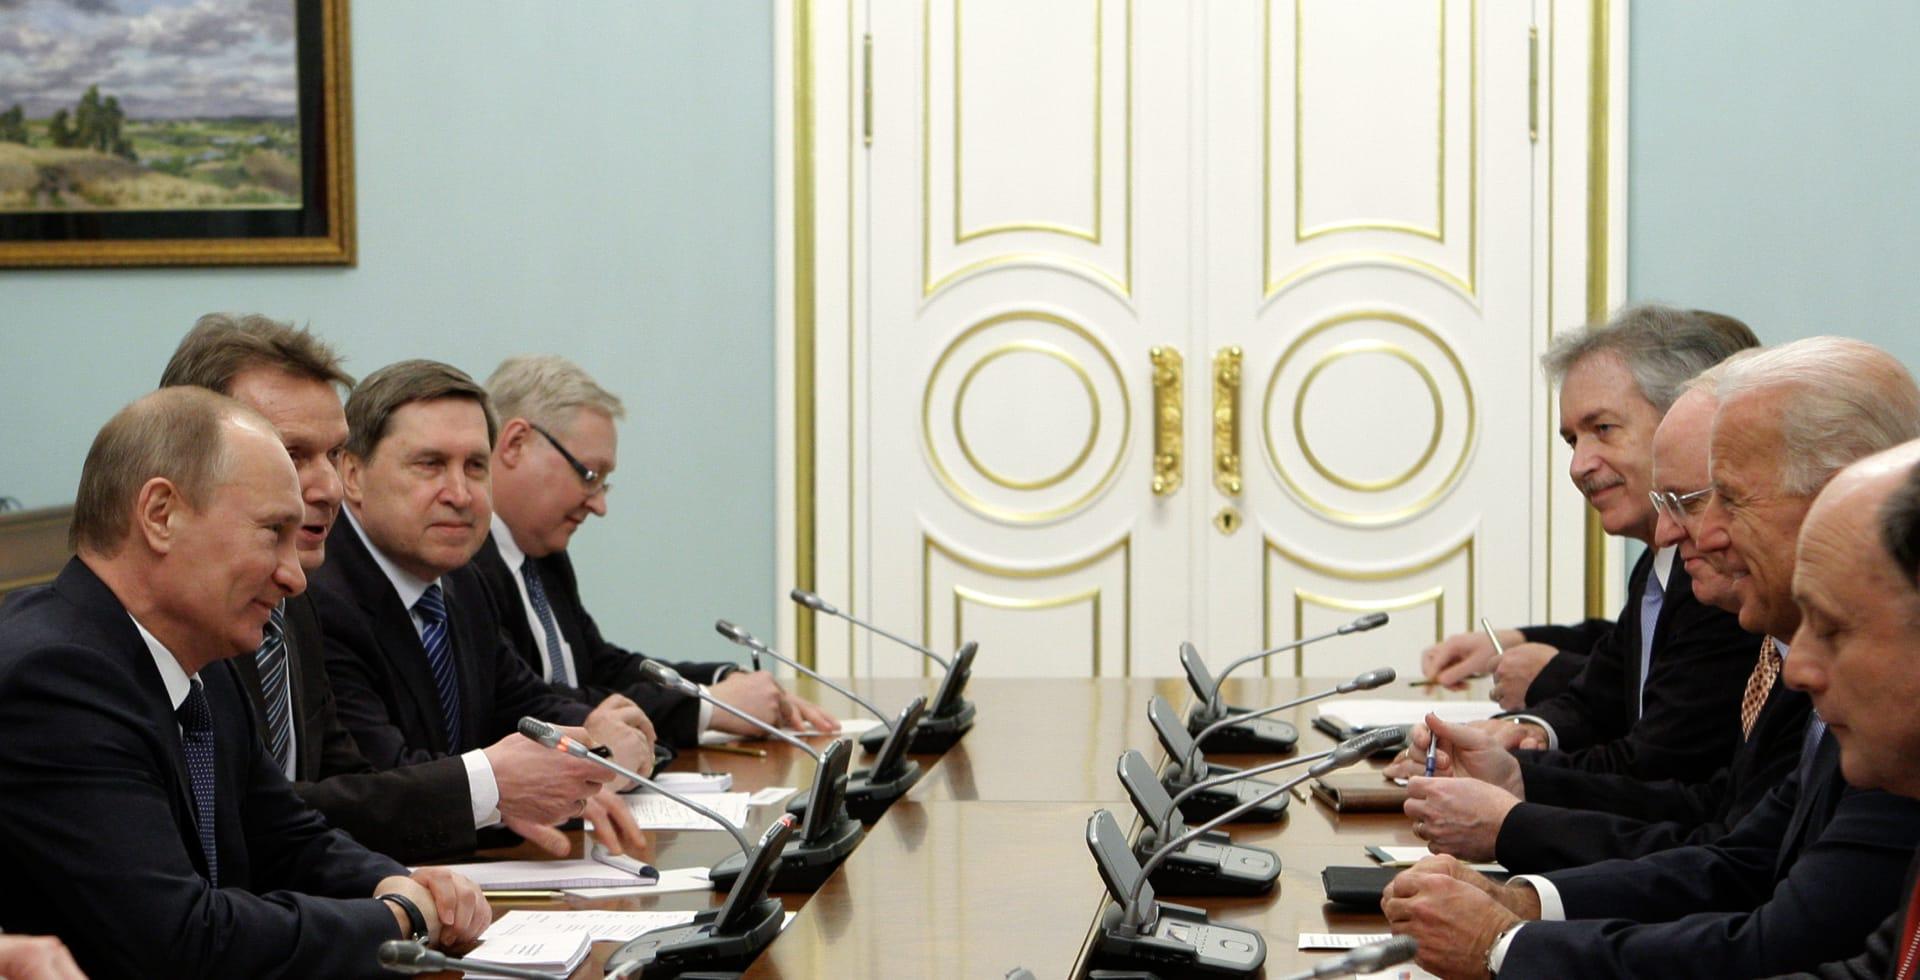 البيت الأبيض والكرملين يكشفان مكان وزمان لقاء جو بايدن بفلاديمير بوتين